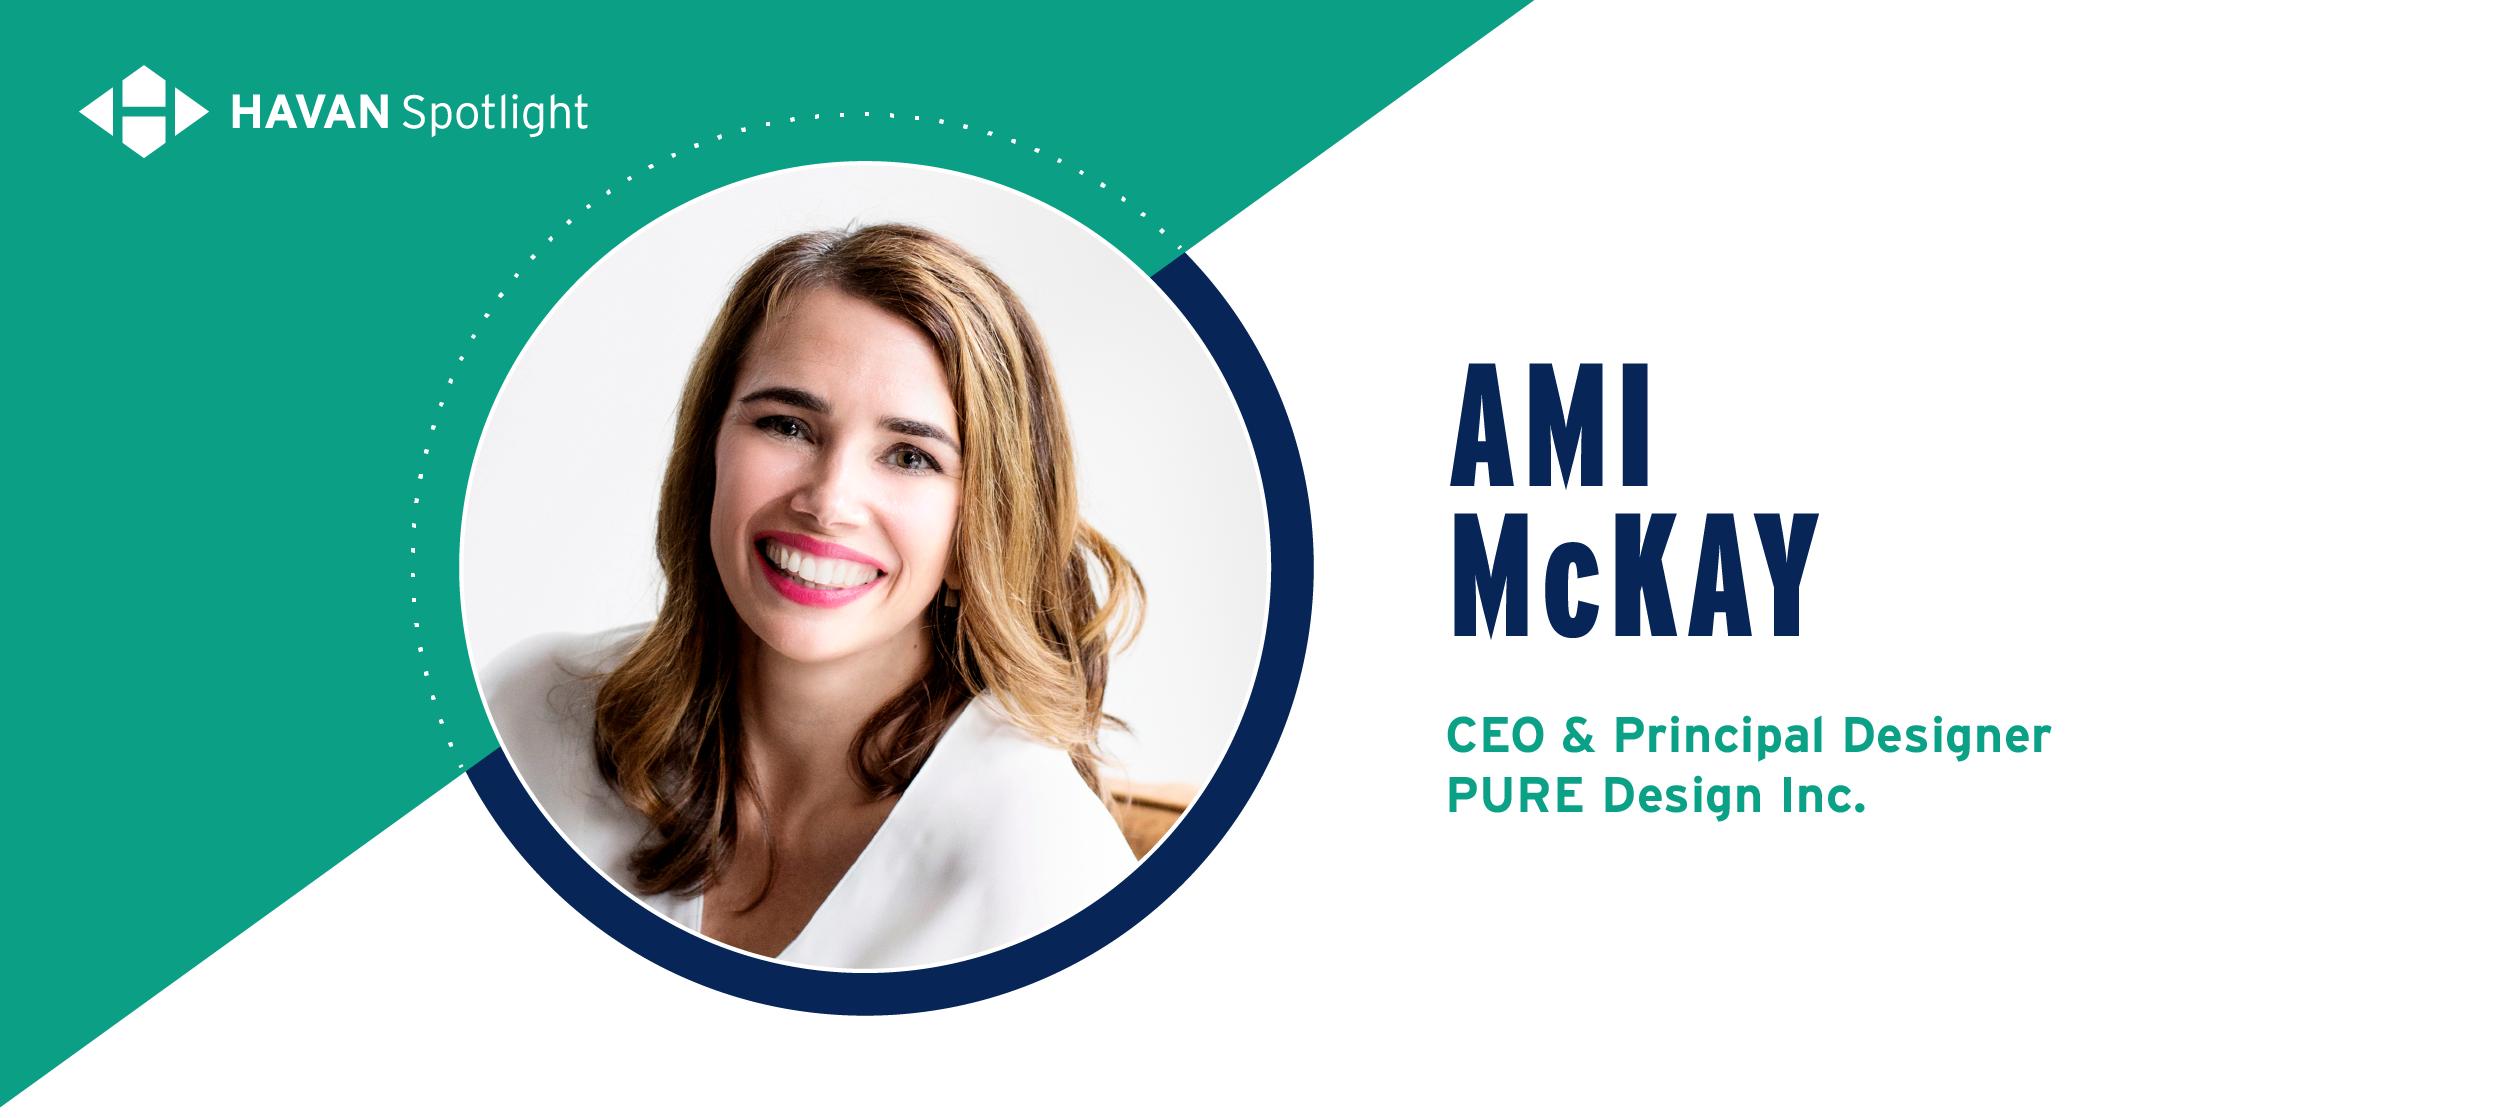 Ami Mckay PURE Design Inc.